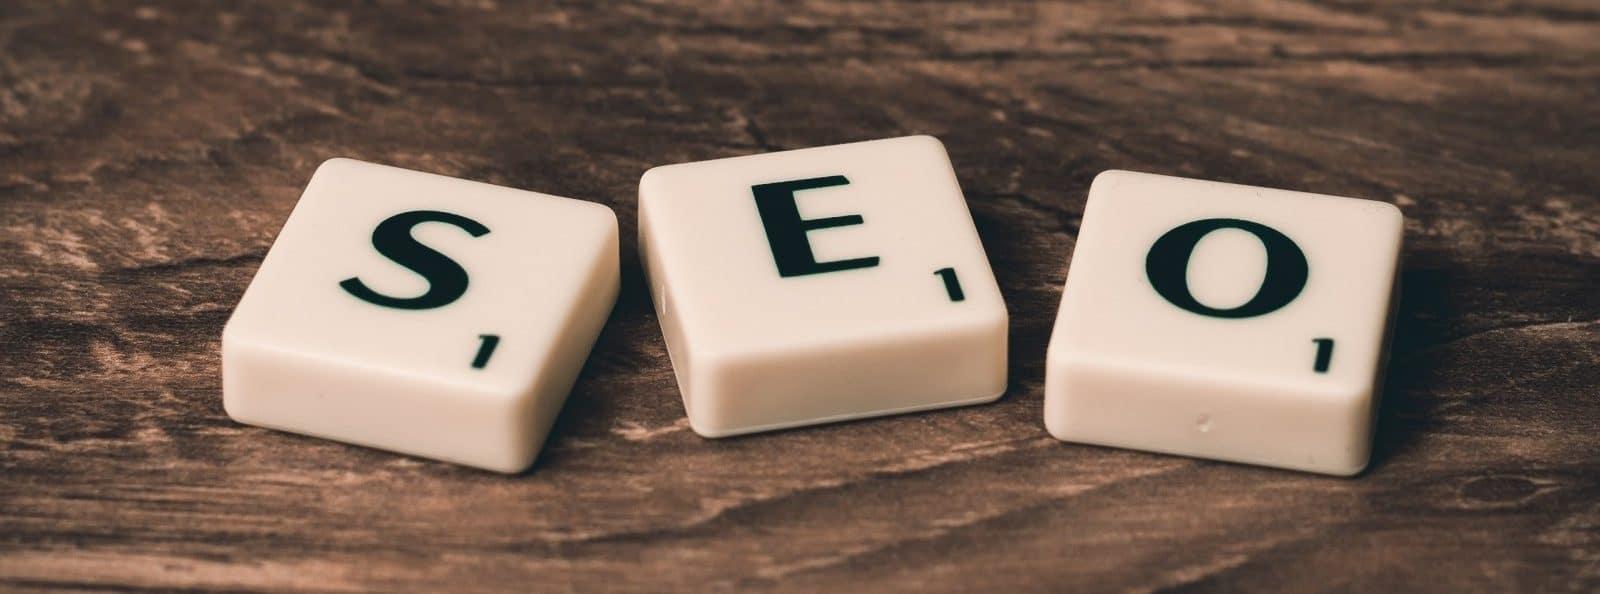 Audyt SEO – jak może pomóc witrynie internetowej?